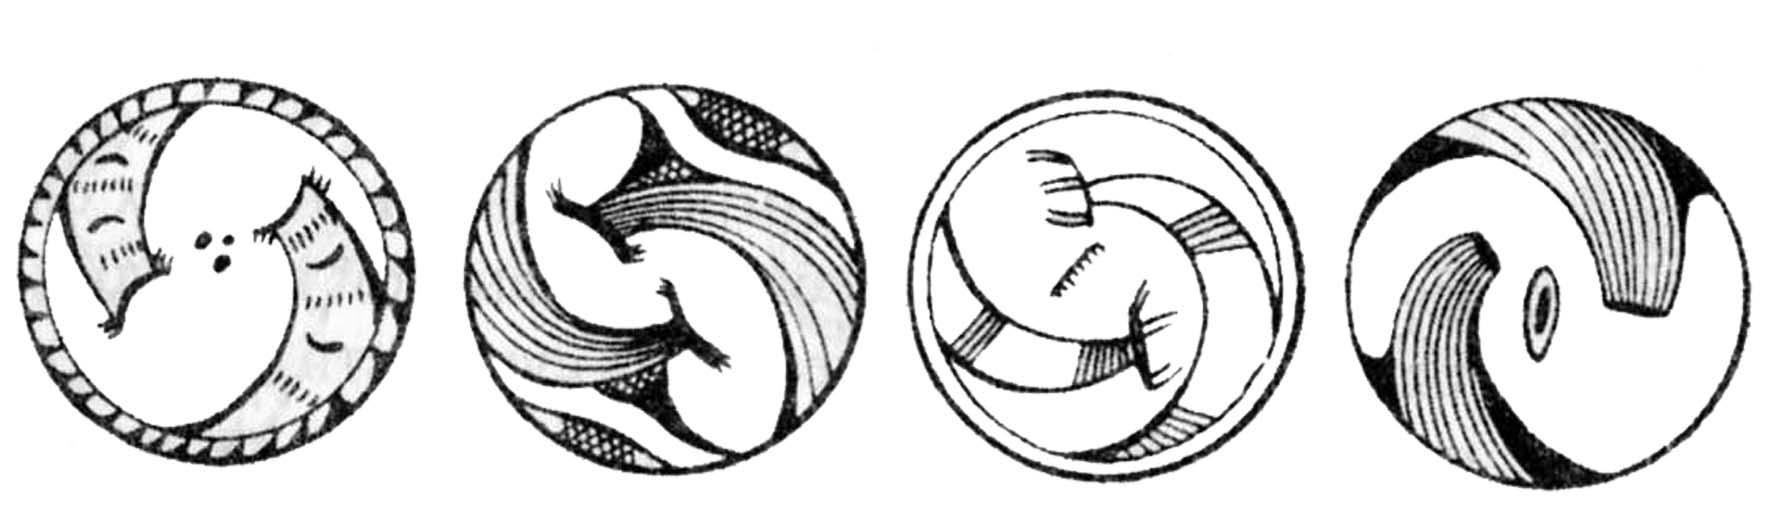 рисунок ромб: